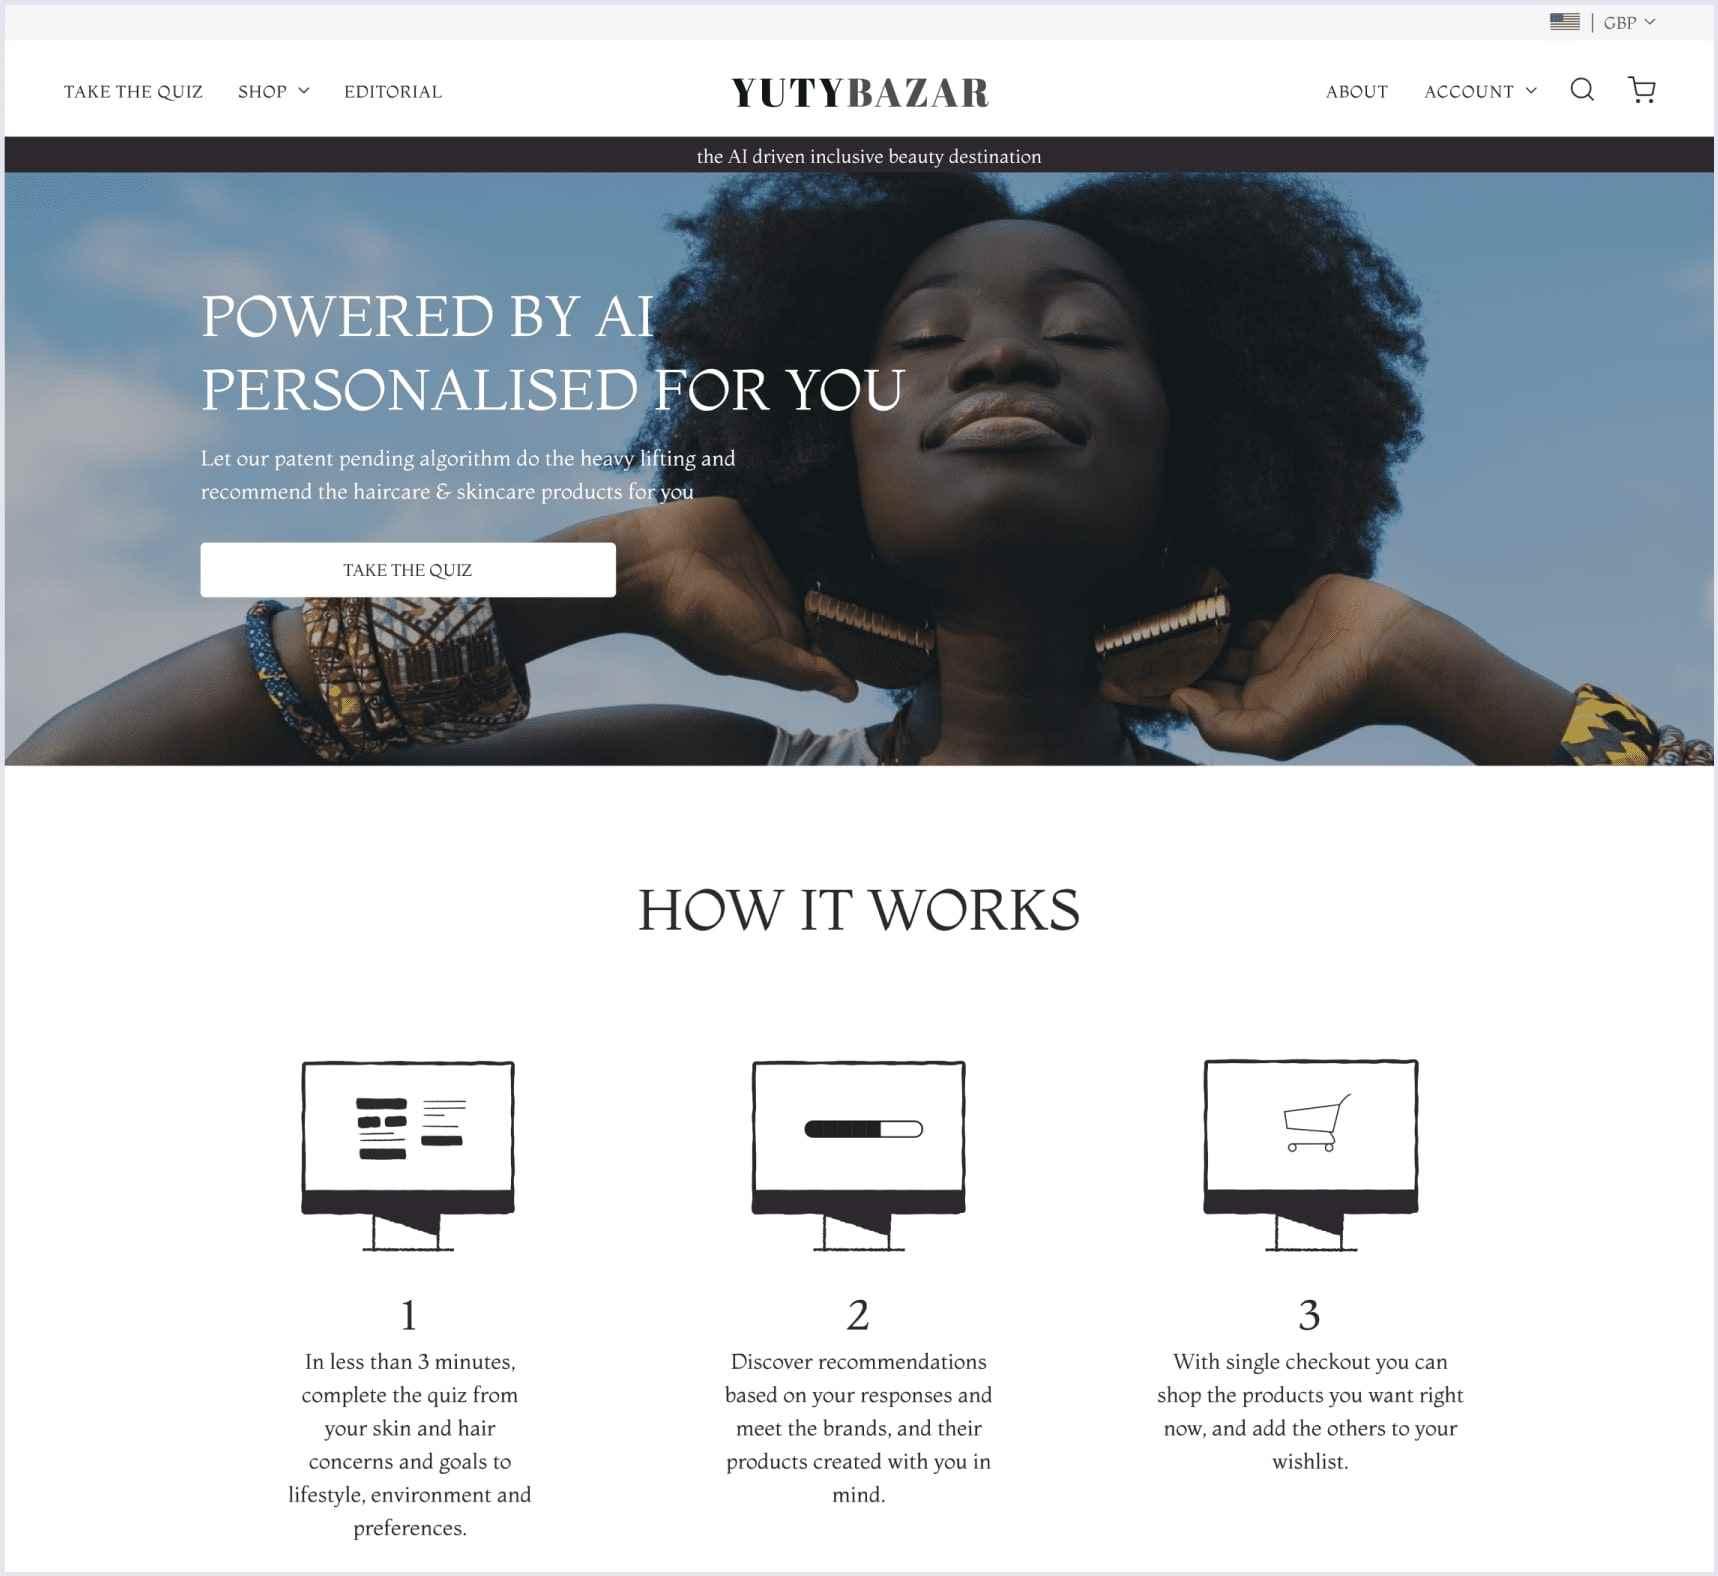 e-commerce site on spree YutyBazar | Codica